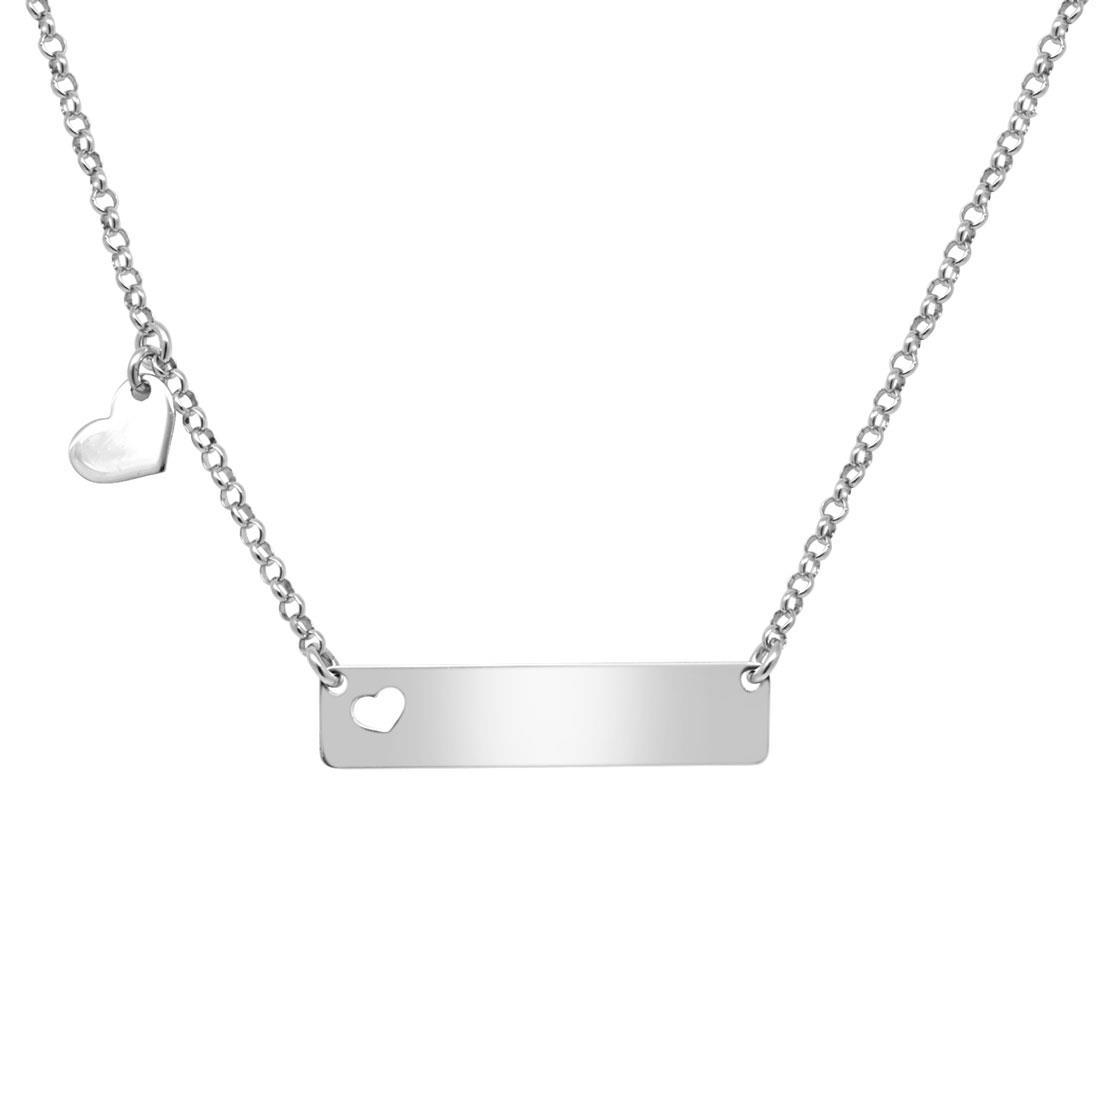 Collana in argento con piastrina e cuore - ORO&CO 925